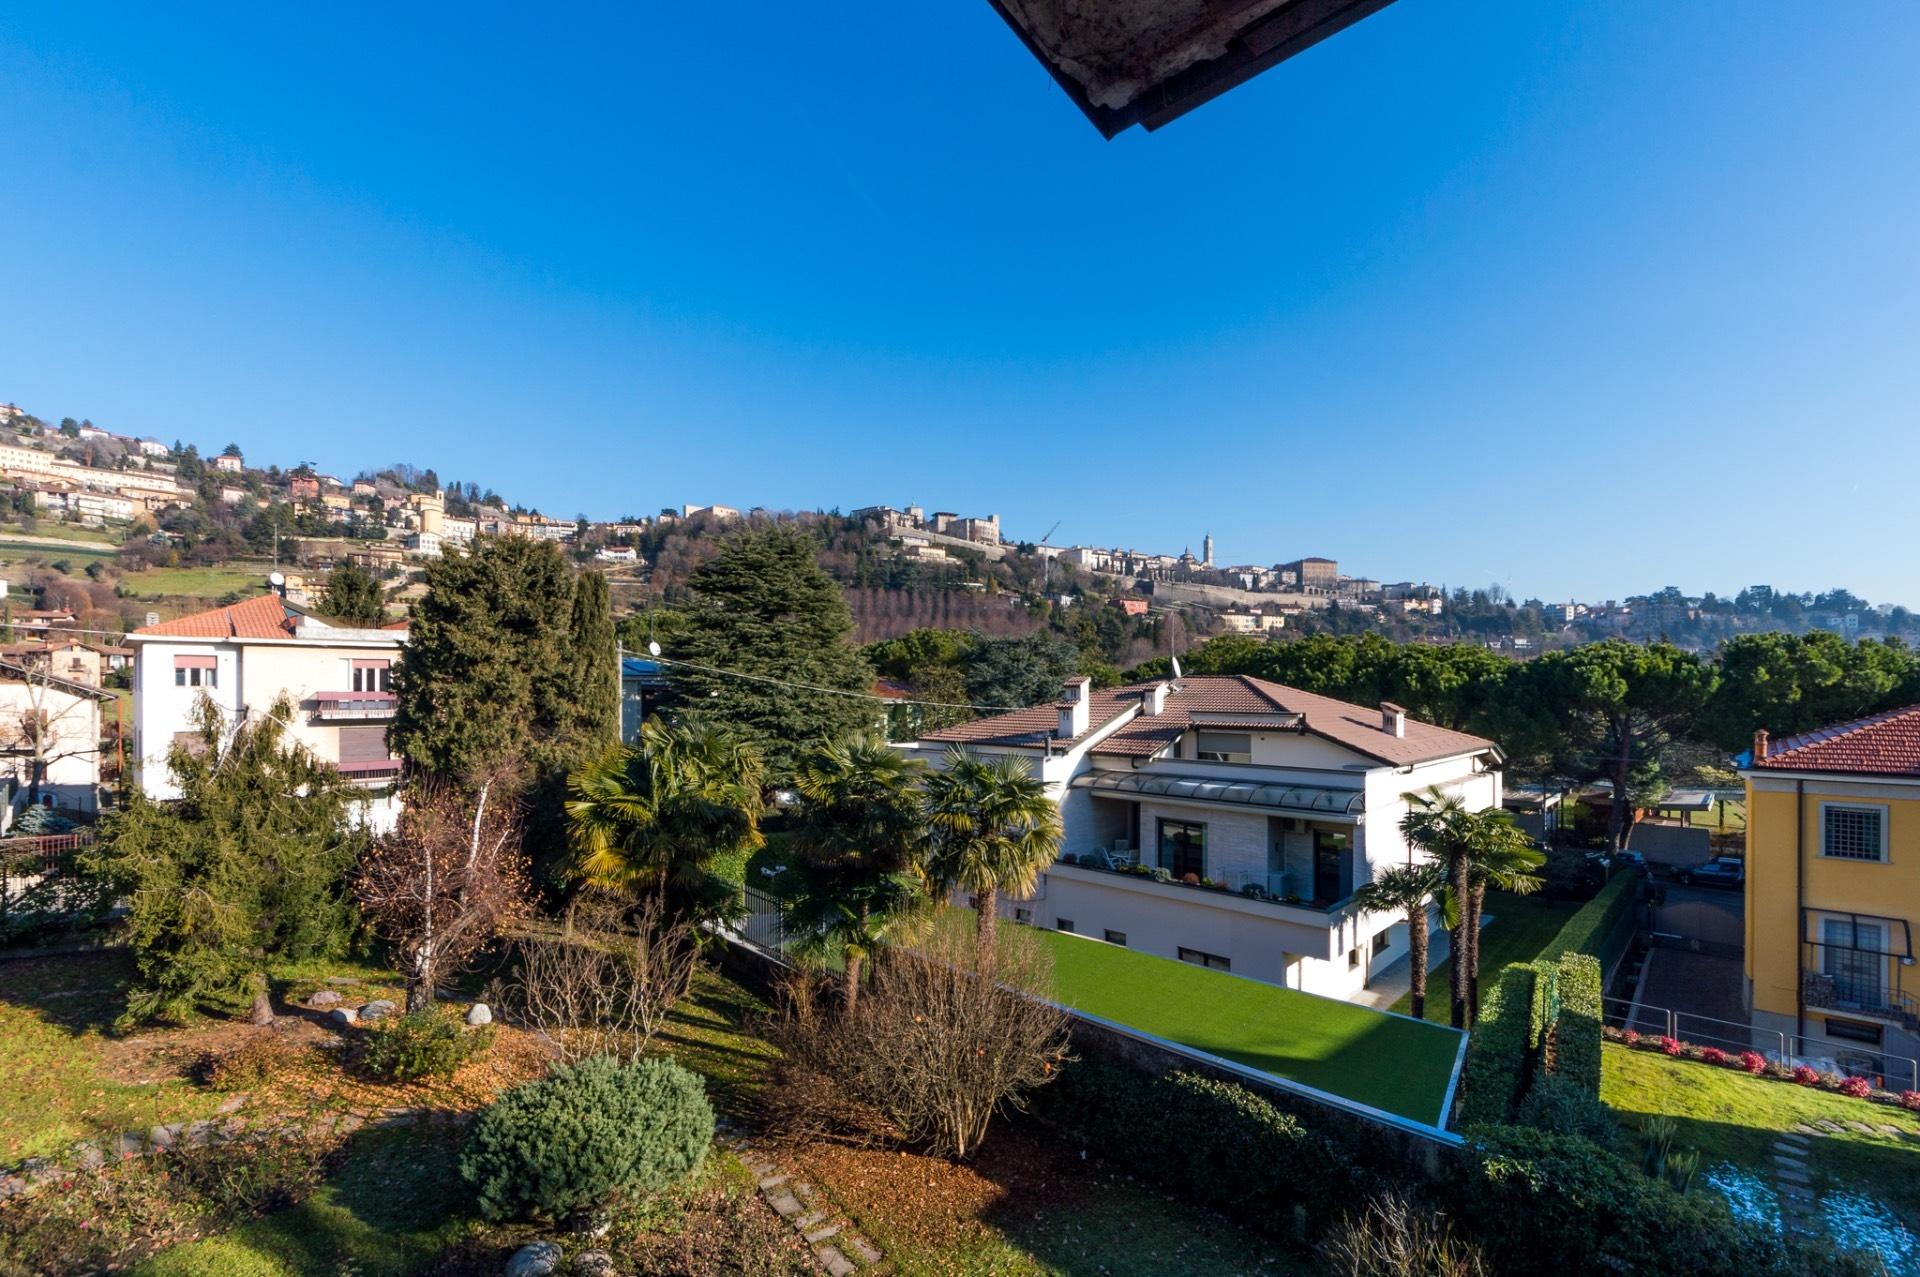 Cbi081 751 glr027 appartamento in affitto a bergamo for Conca verde piscine